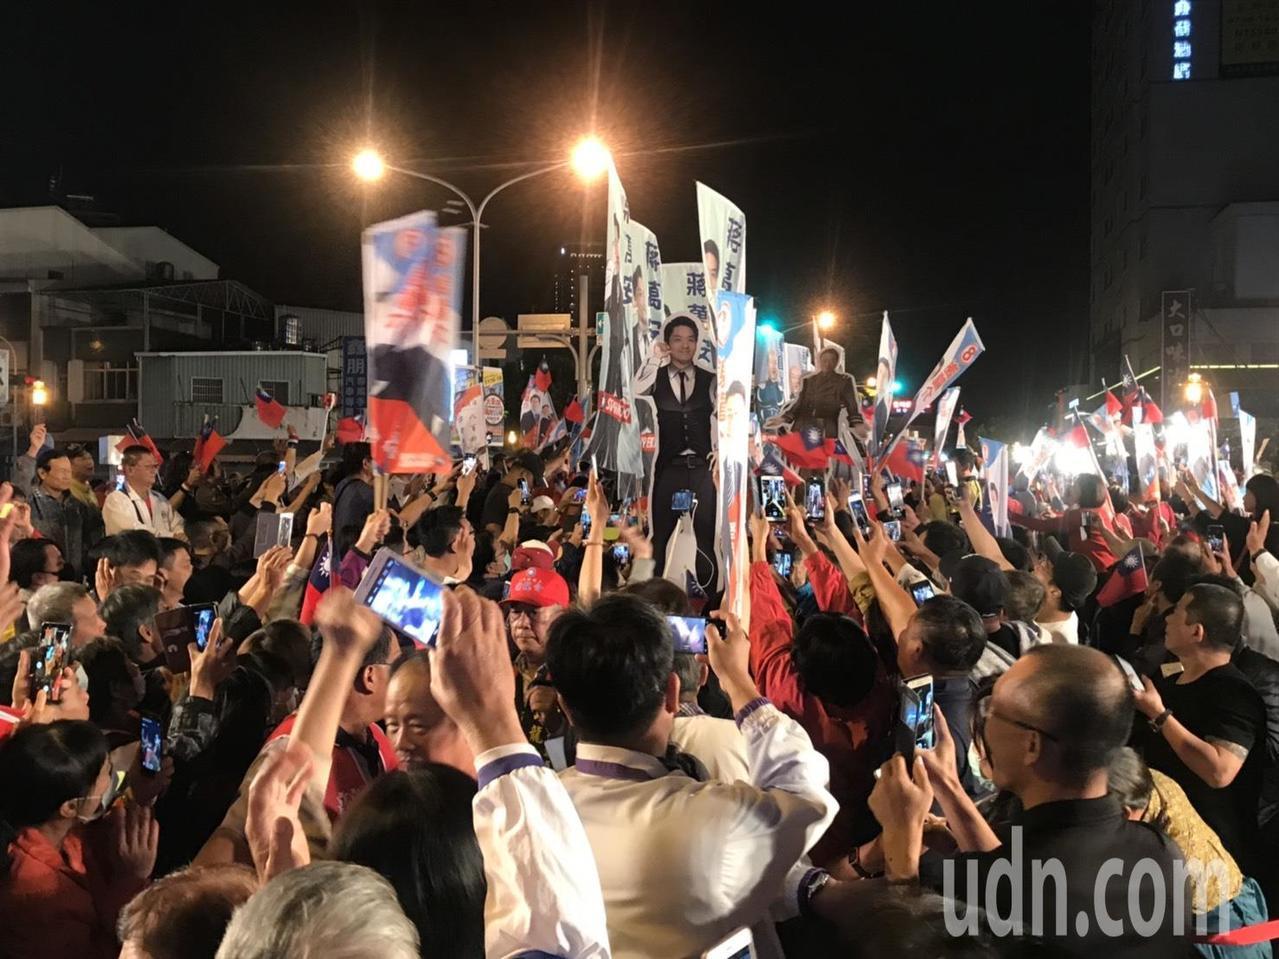 國民黨高雄市長候選人韓國瑜受到台南鄉親熱烈歡迎。記者綦守鈺/攝影